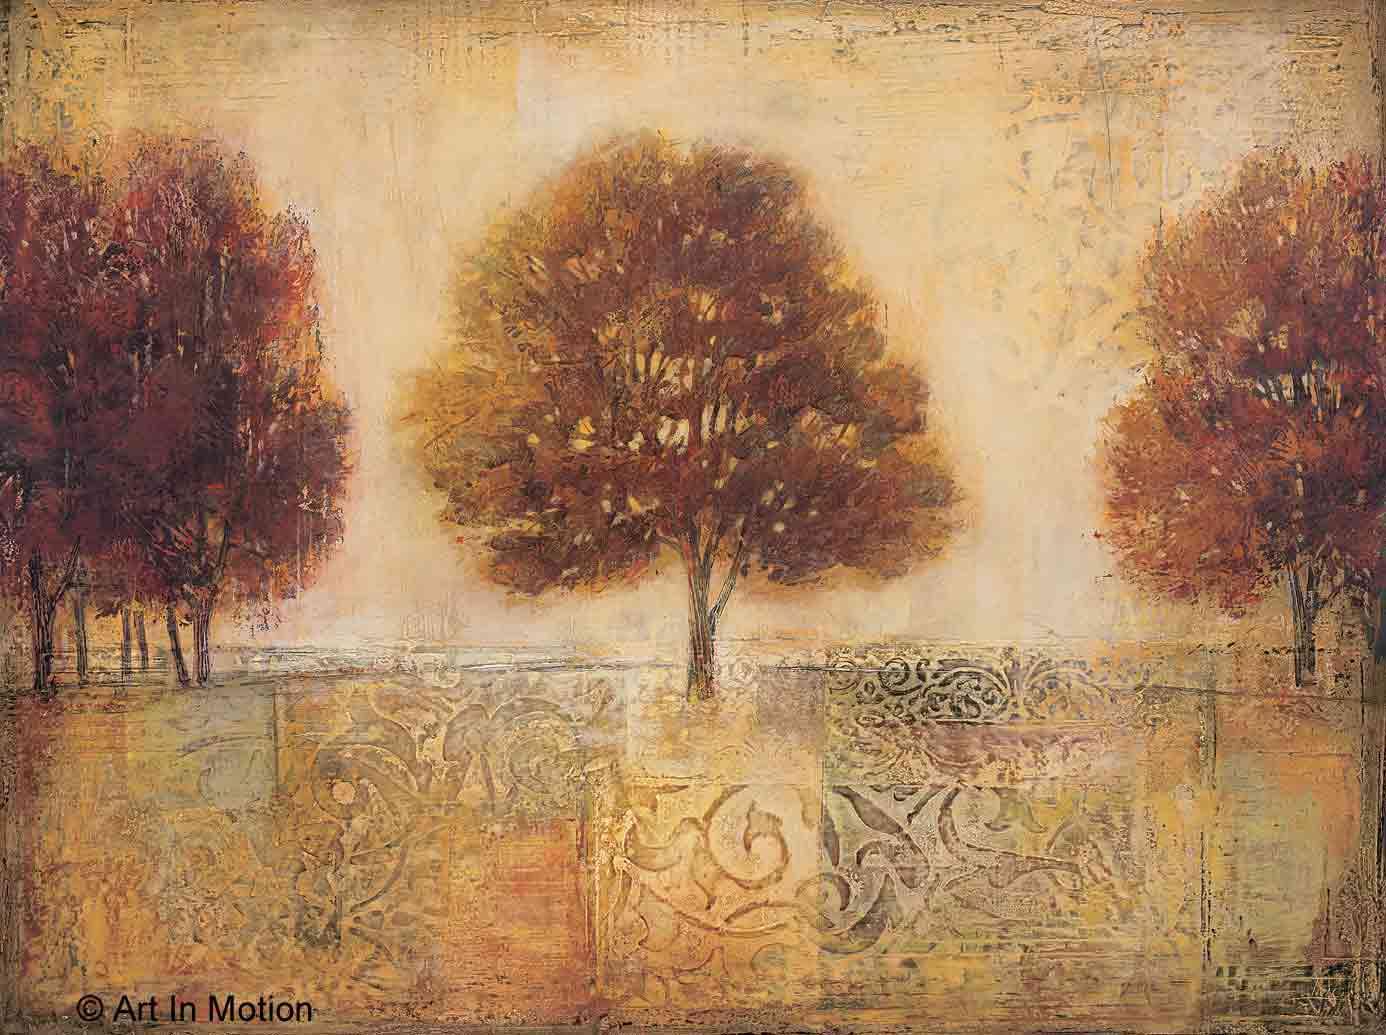 שדה עציםעץ שלישיה נוף ציורי פסטורלי דקורציה